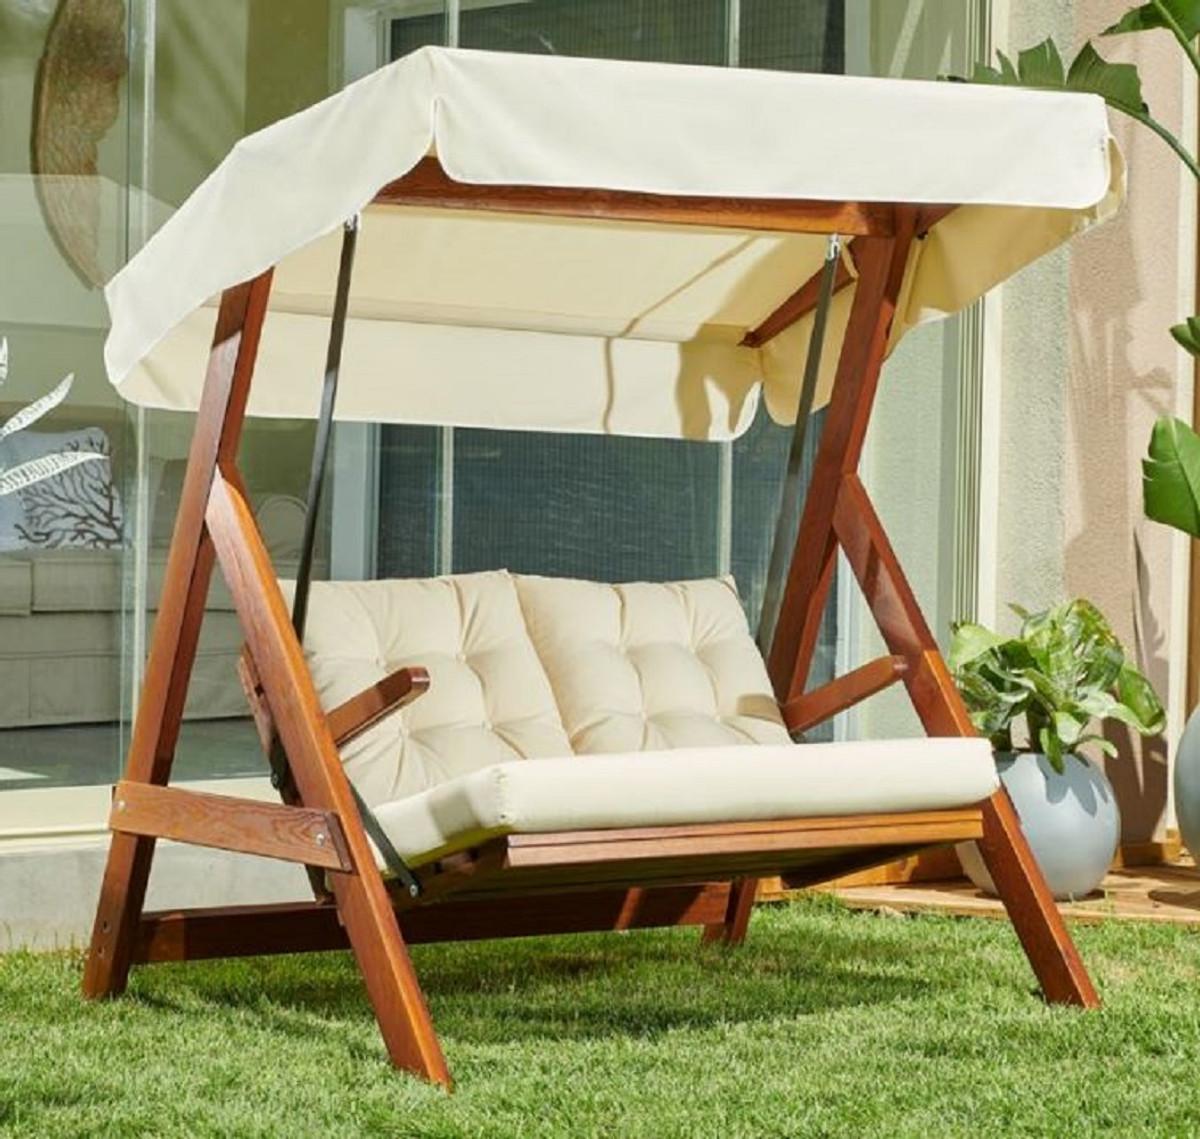 Casa Padrino Luxus Hollywood Schaukel Cremefarben / Braun   Moderne  Wetterfeste Garten Schaukel mit Sonnendach   Terrassen Möbel   Garten Möbel